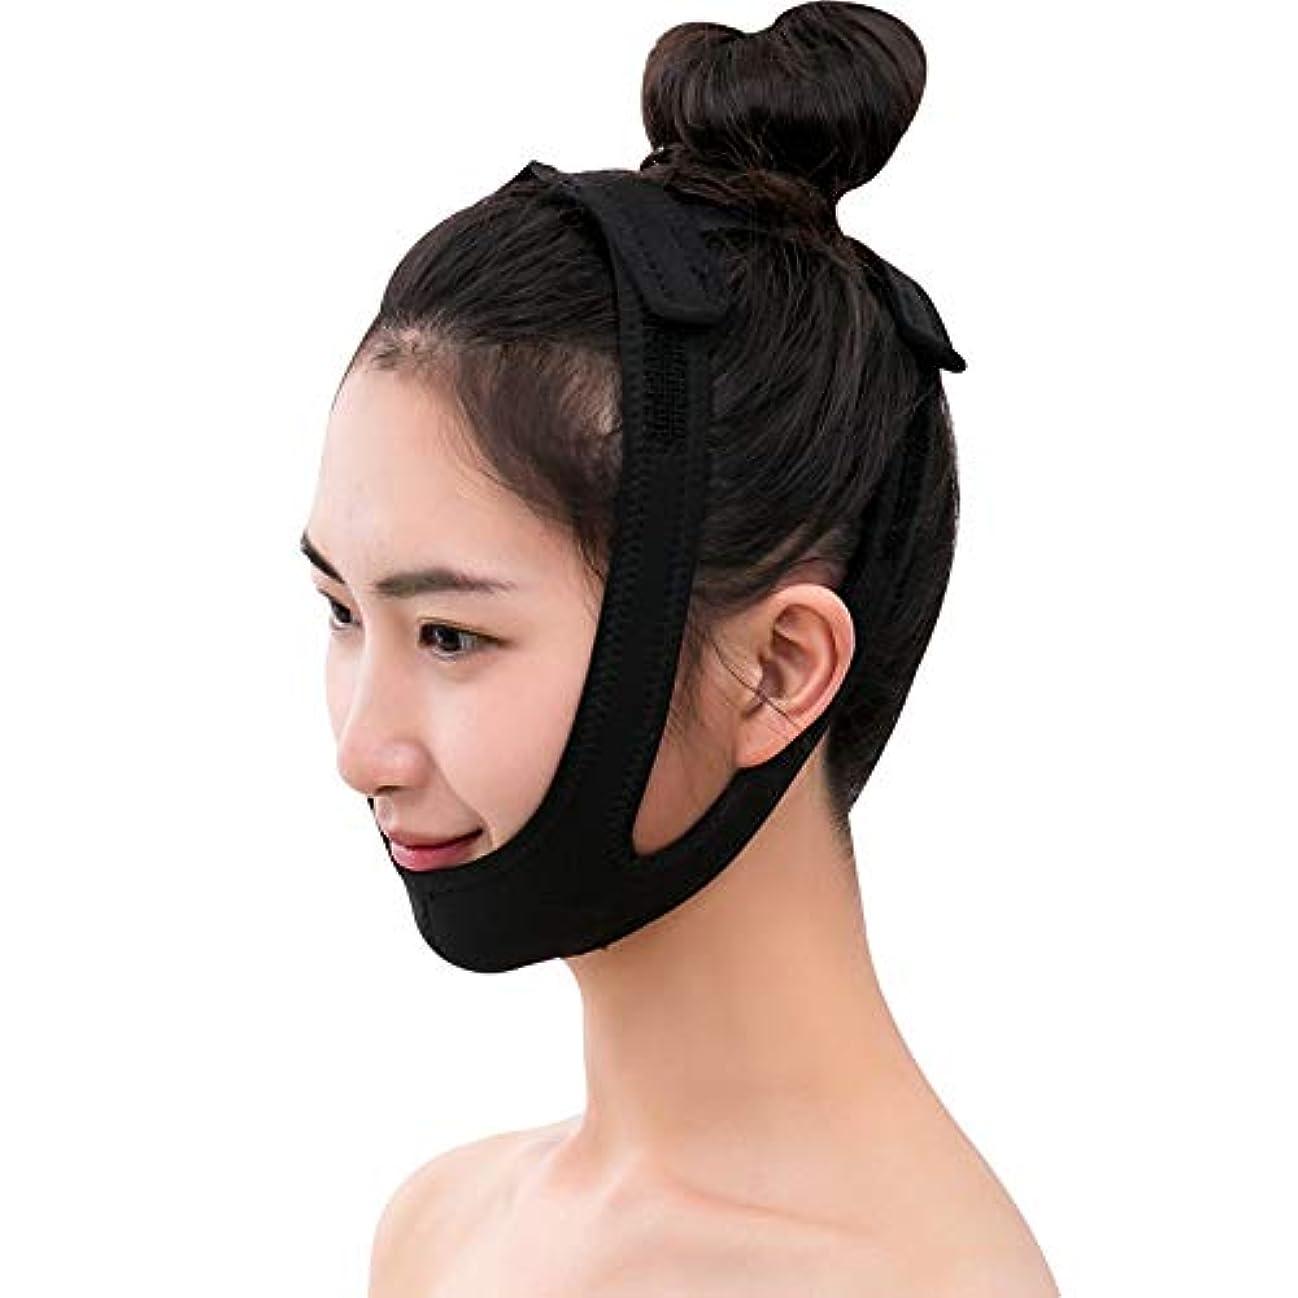 引退した平方森薄いフェイスバンド - 薄い顔の包帯ビューティーインストゥルメントフェイシャルリフト睡眠マスク法Vフェイスマスクの通気性を作る